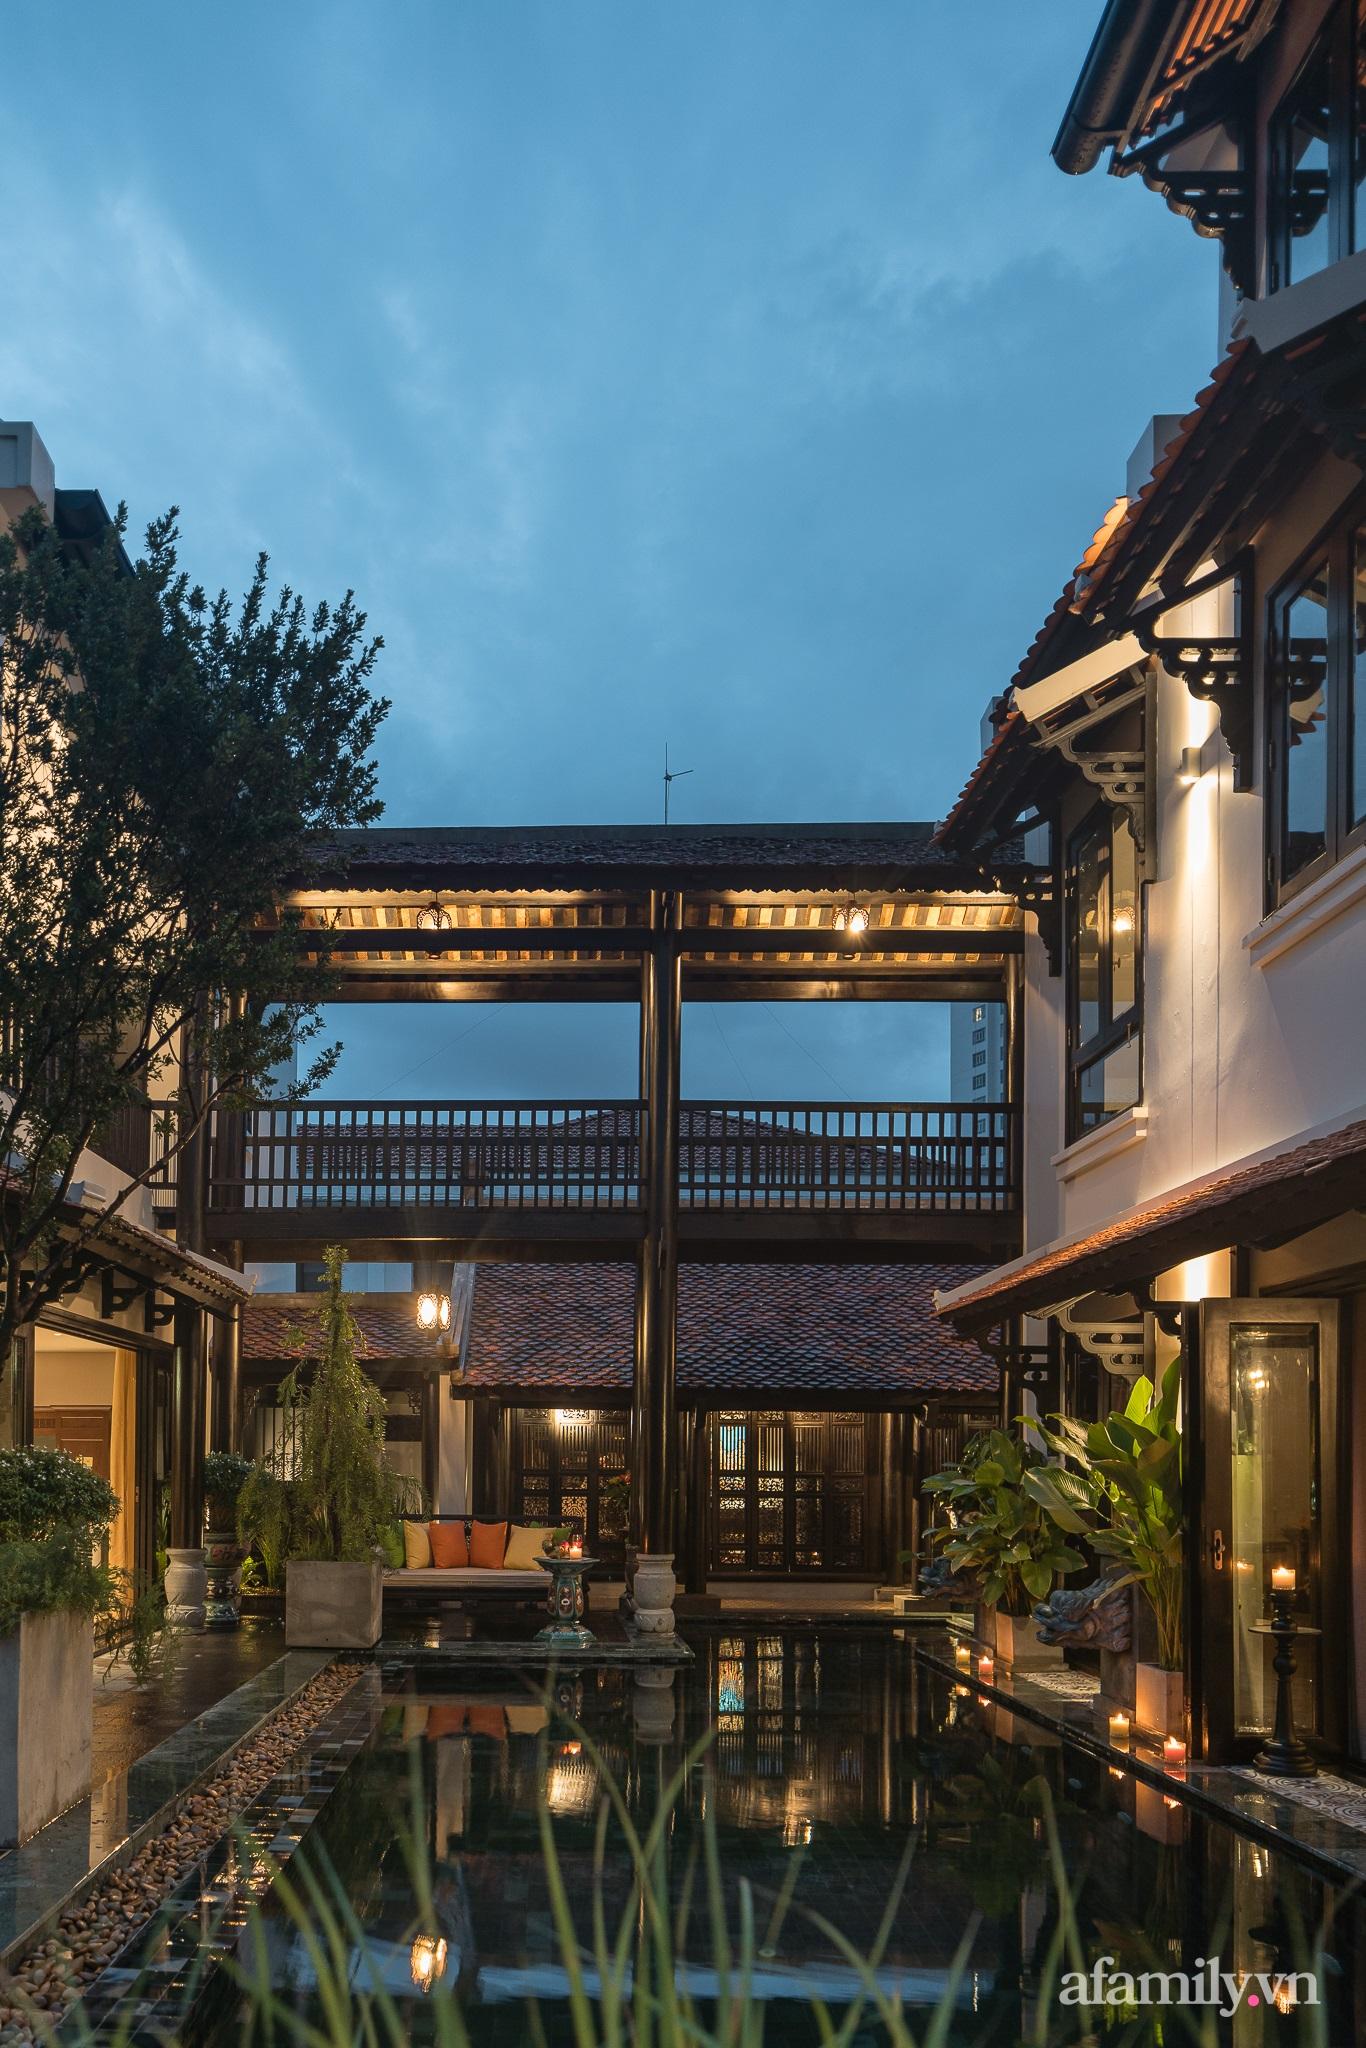 """a 98 1603870687833356986960 - Căn nhà 500m² """"giấu"""" những bình dị an yên của lứa đôi hạnh phúc giữa tấp nập phố phường ở Quận 2, Sài Gòn"""